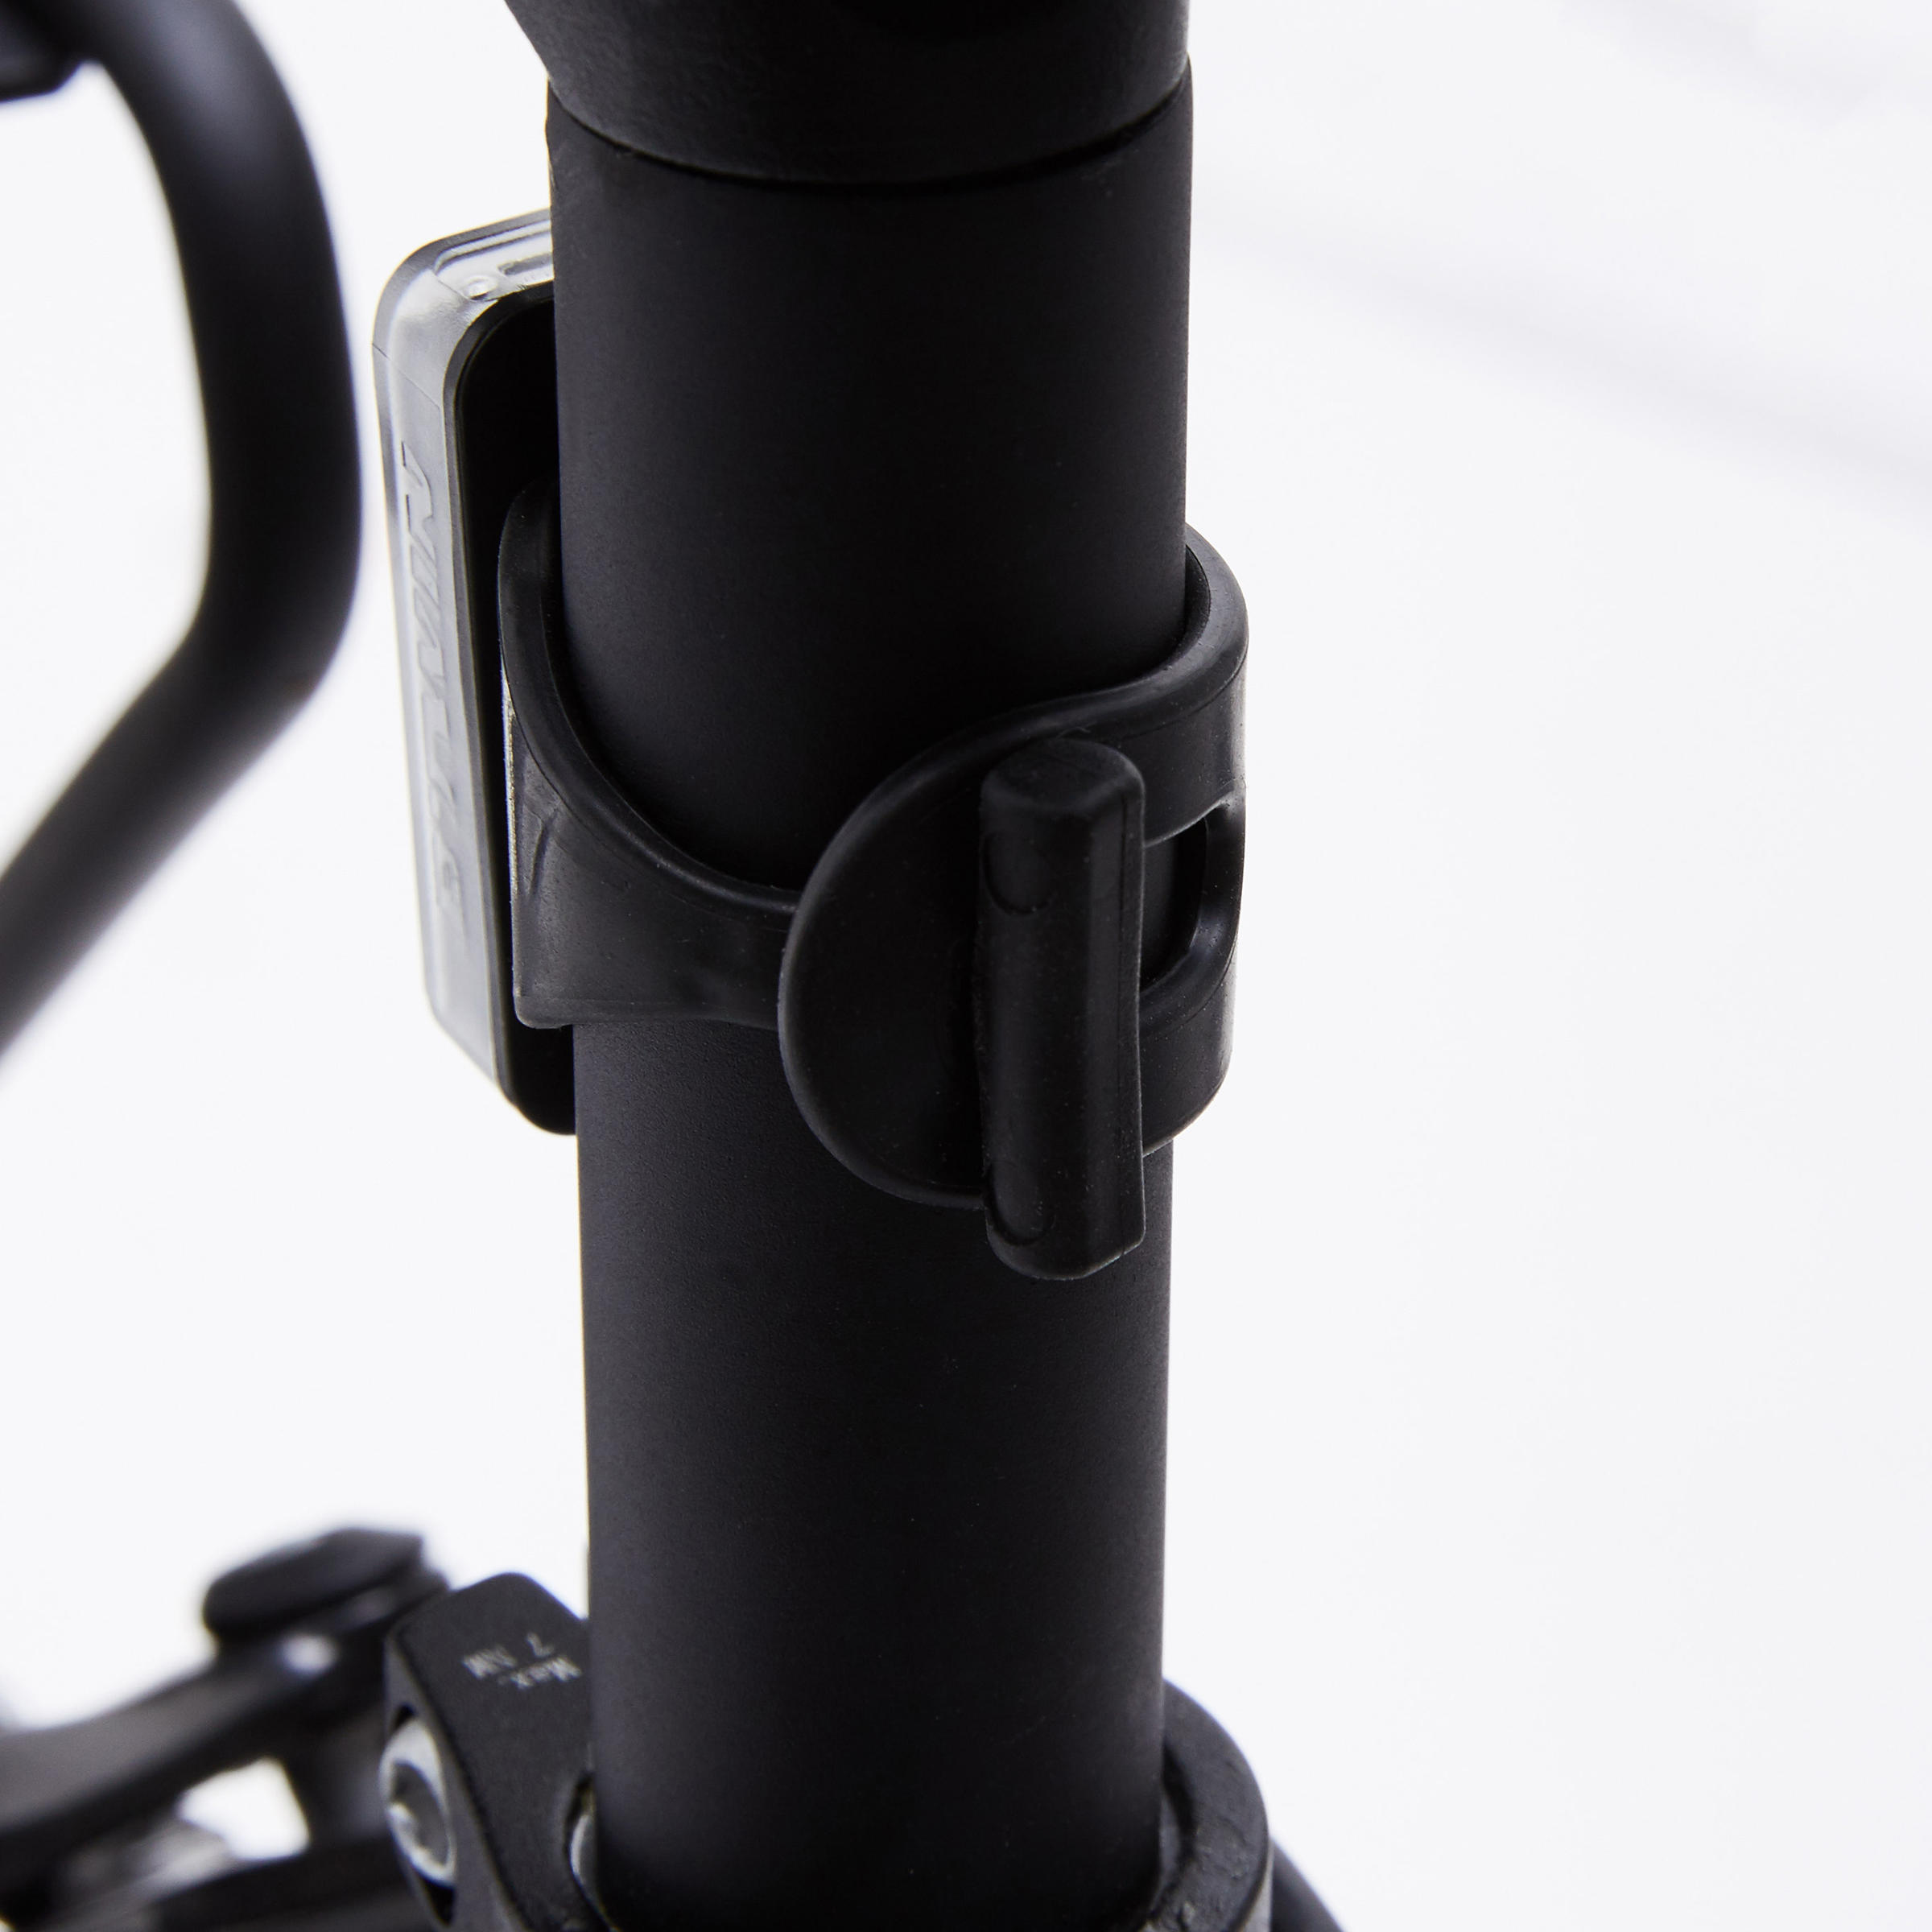 VIOO Clip 100 Cycling Rear USB Light